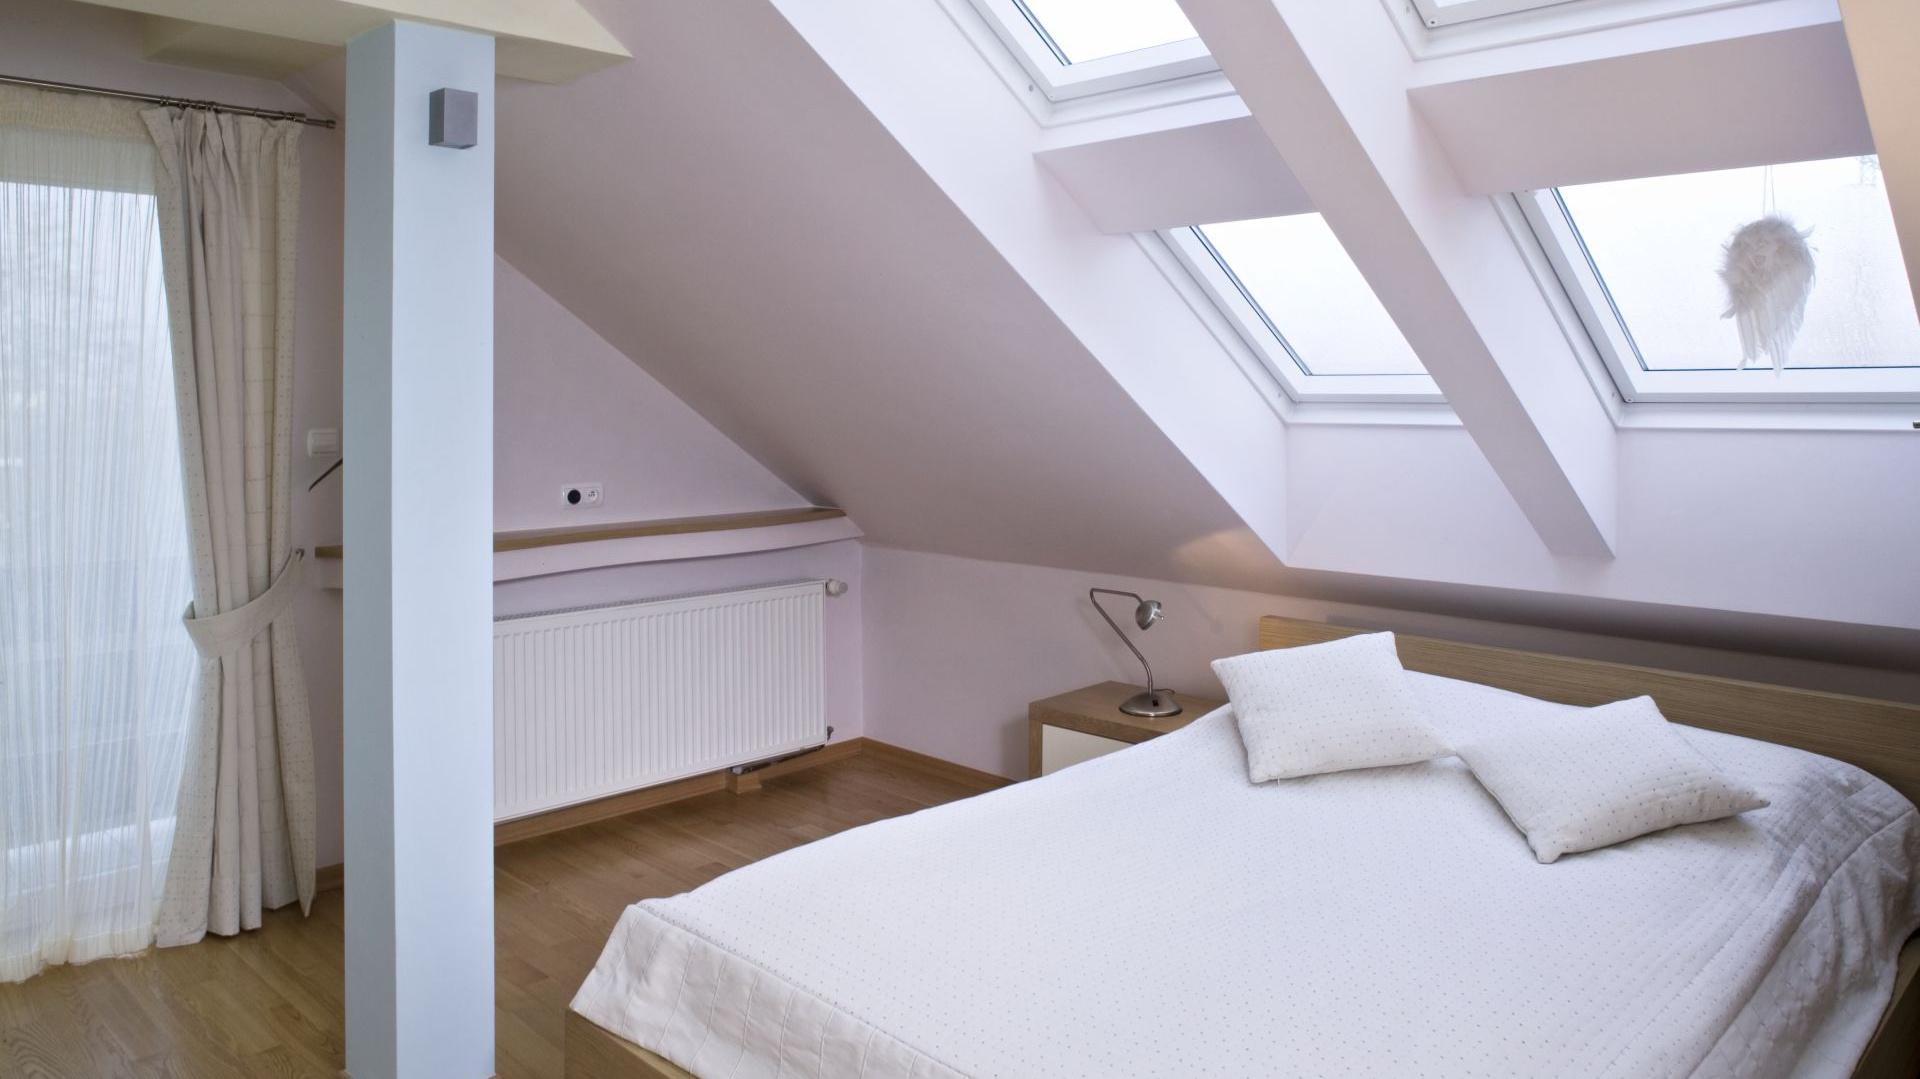 Sypialnia Na Poddaszu Pomysły Na Jasne Wnętrze